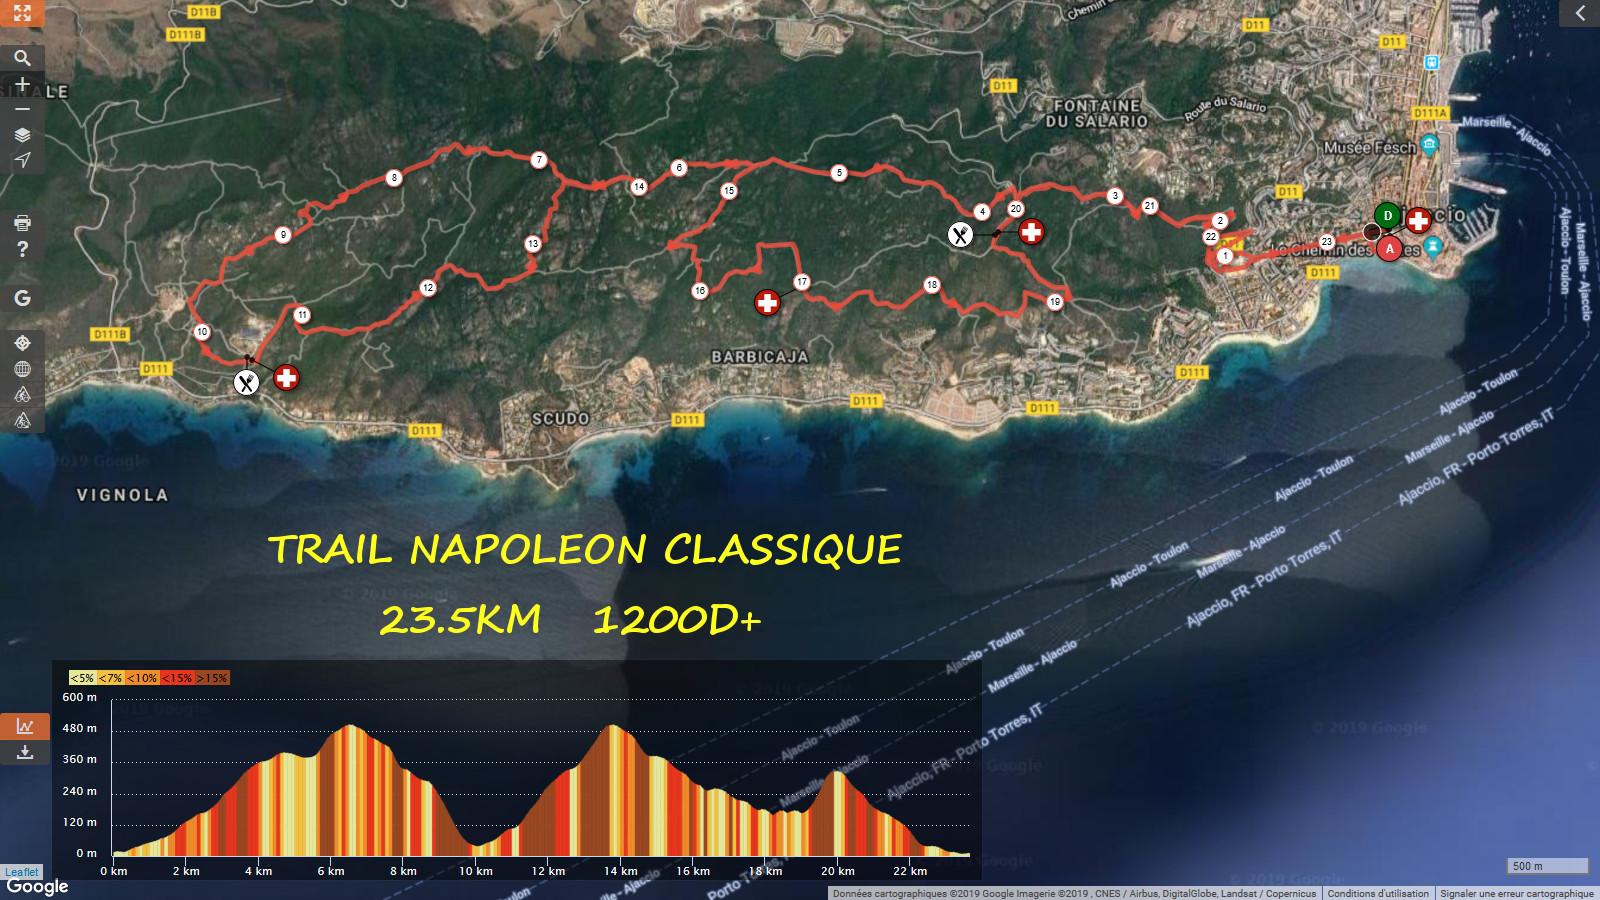 Parcours Trail Napoléon Classique (23 km) Détaillé (Maj 01/08/2018)